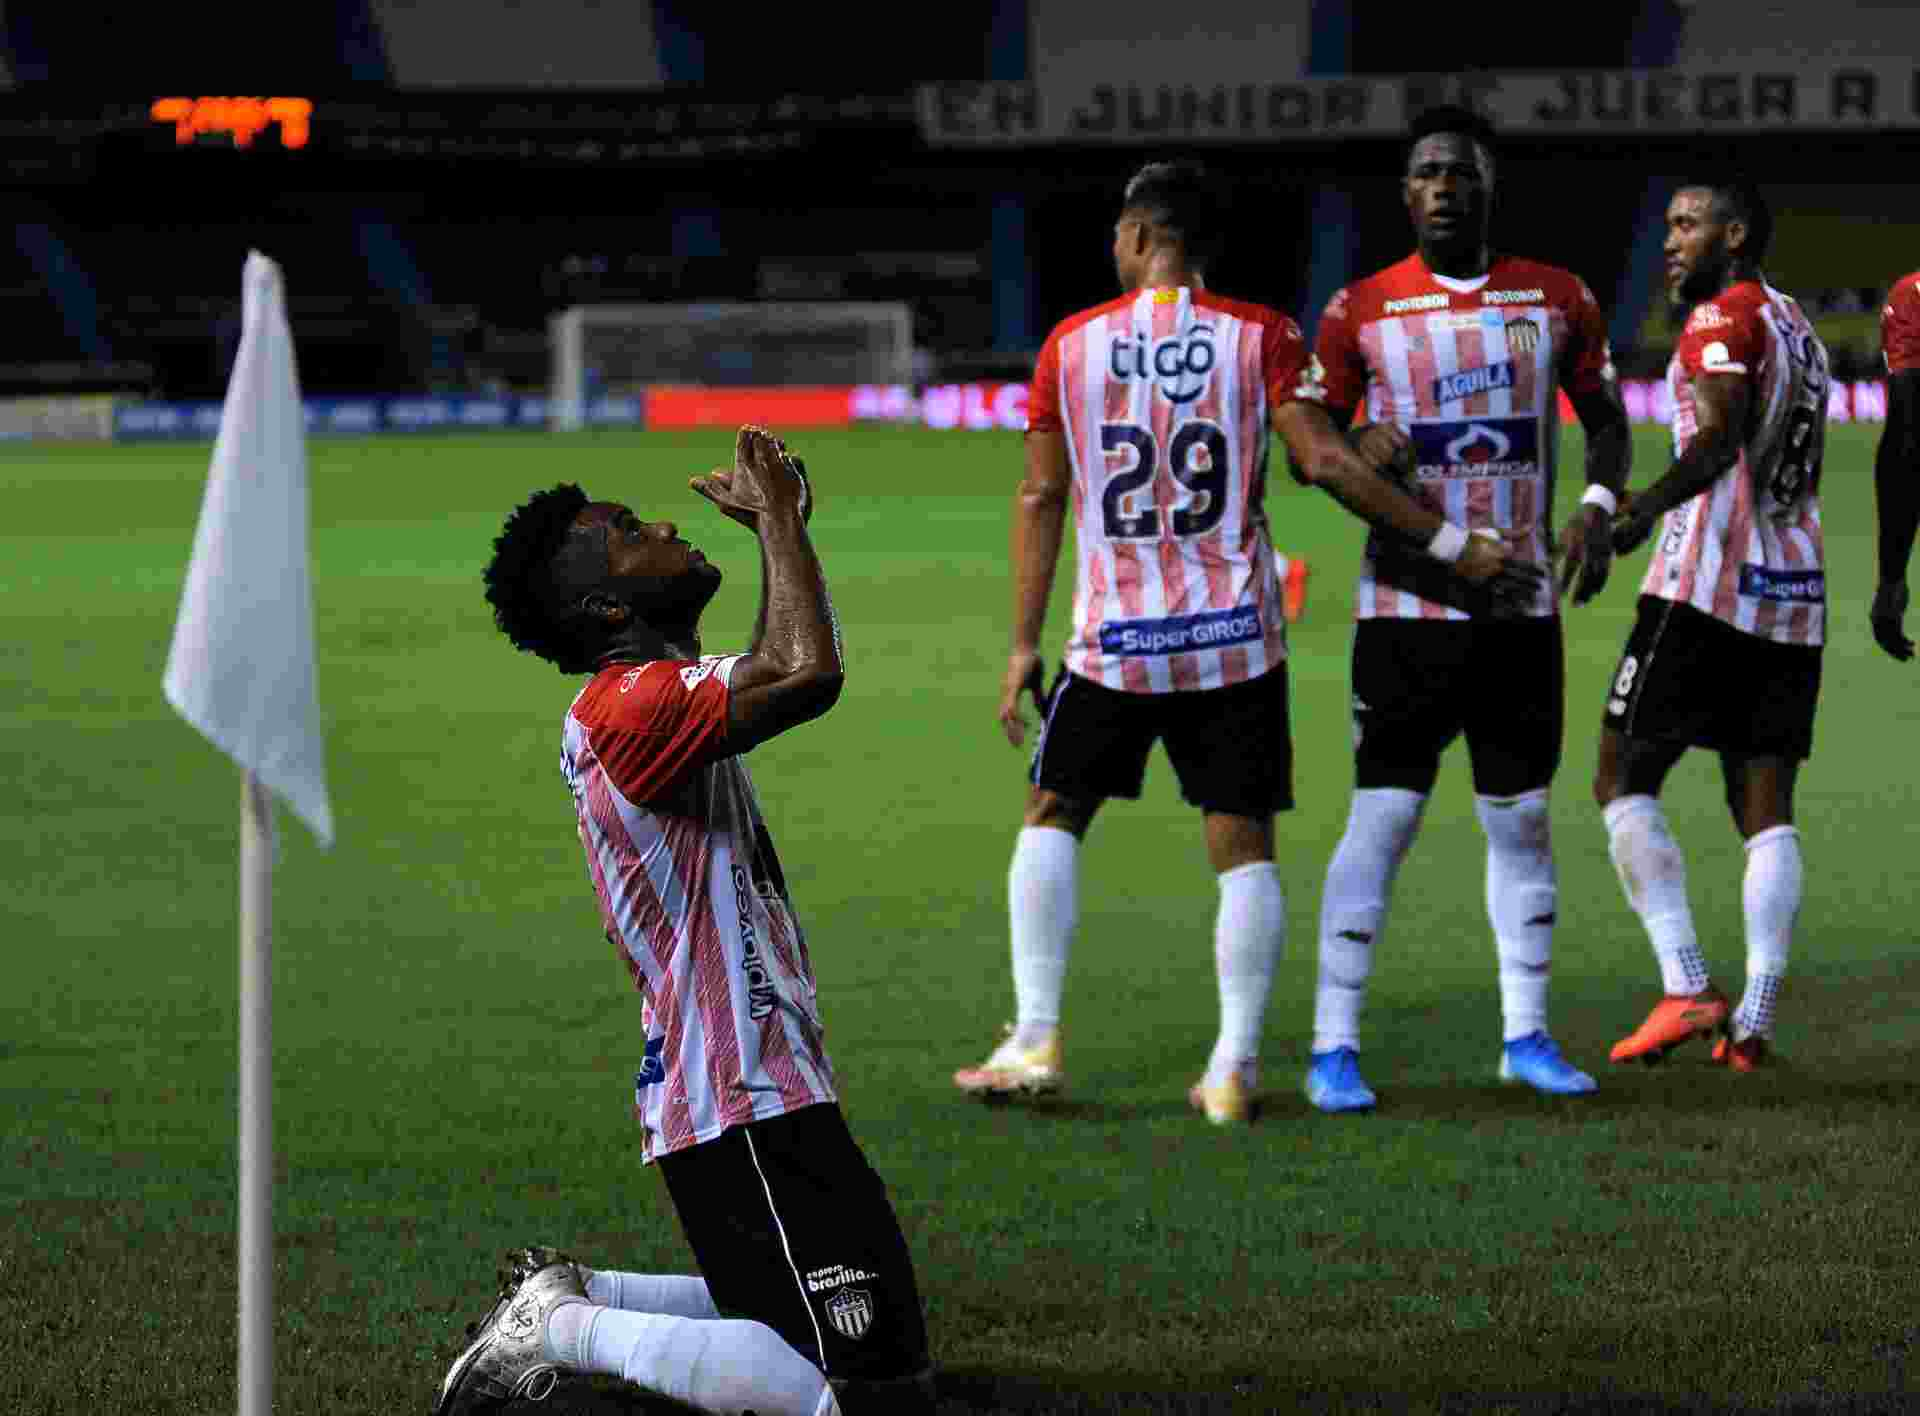 Victoria del Junior sobre el final ante Unión La Calera